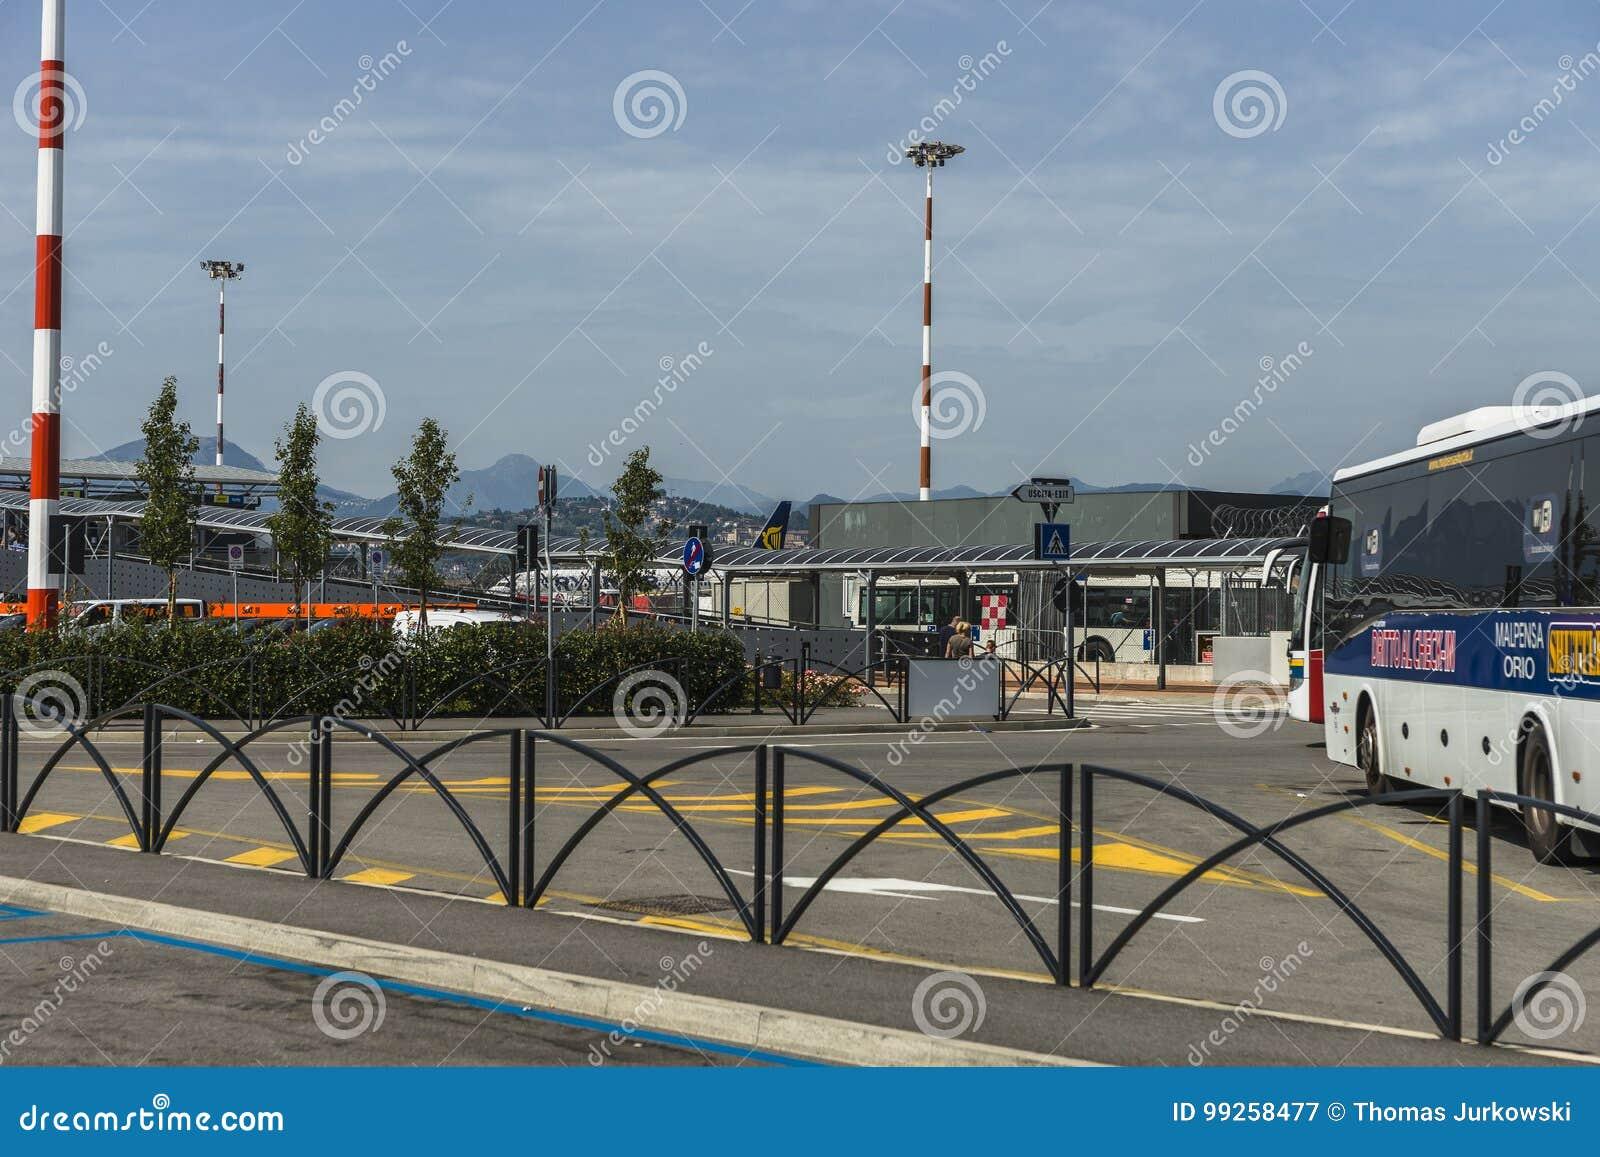 Aeroporto Orio : Orio al serio chiuso fino al giugno lavori expo all aeroporto